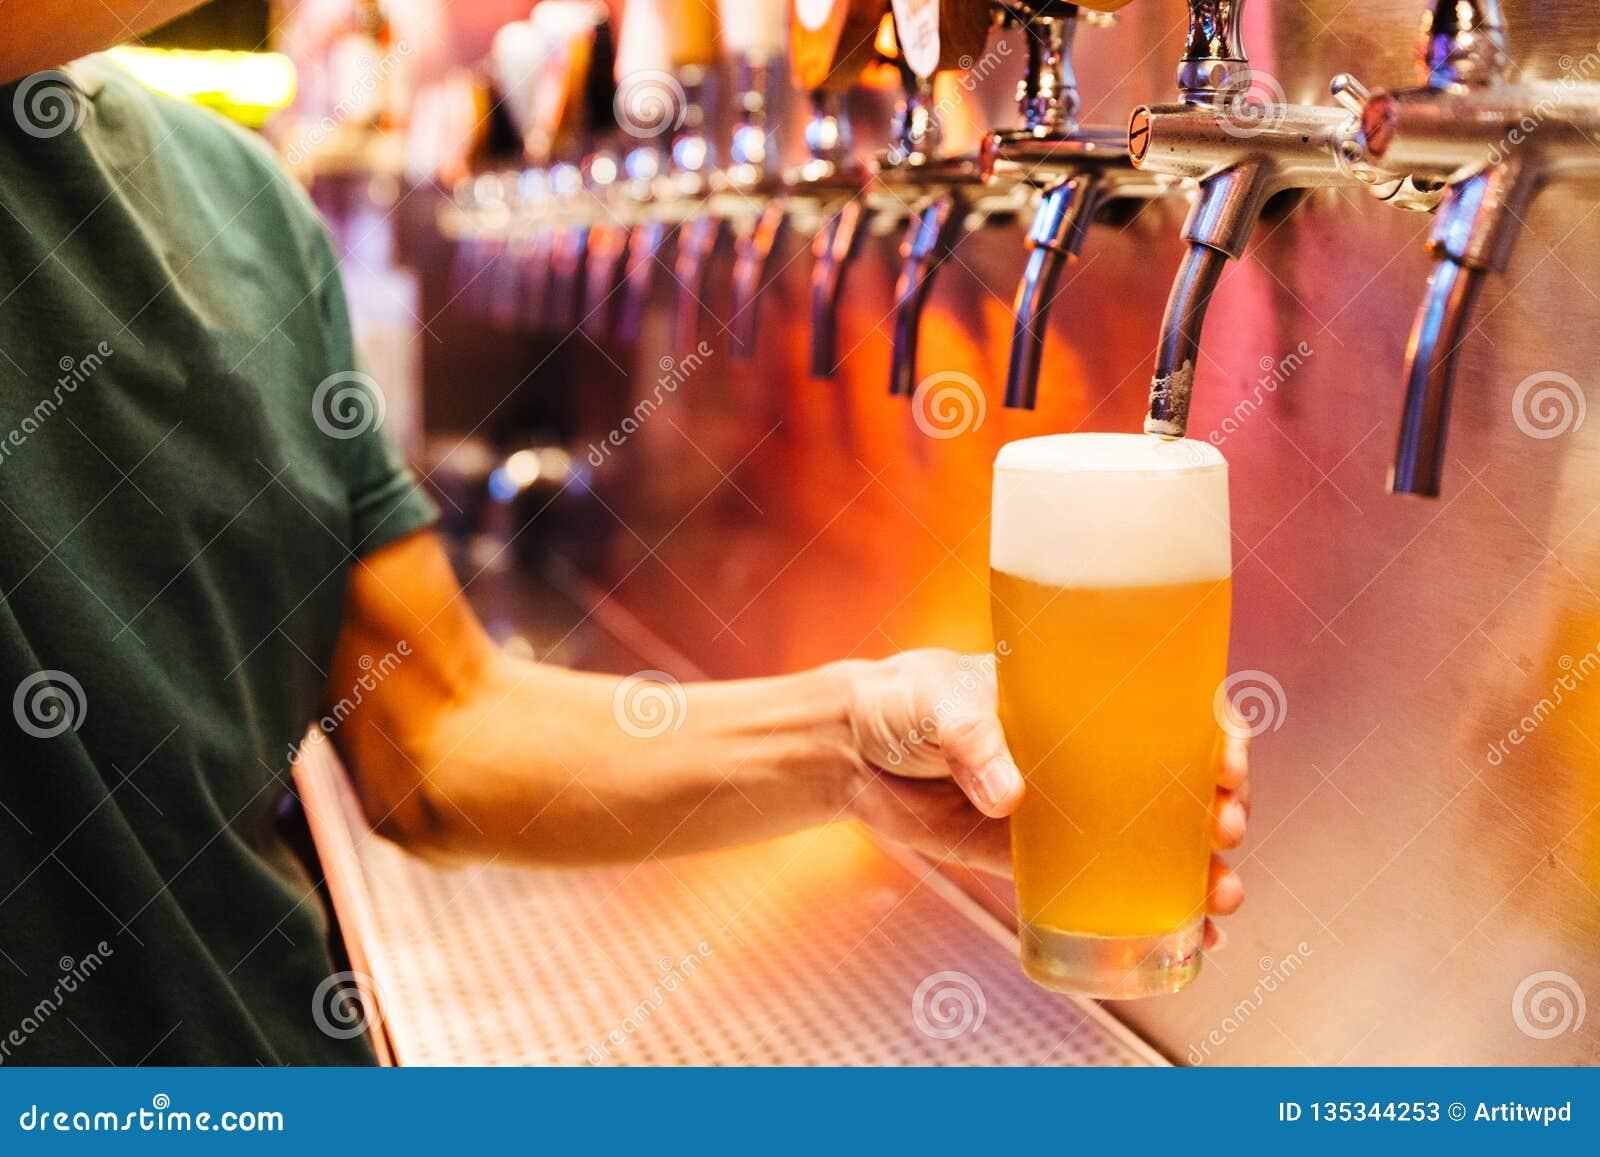 Пиво ремесла человека лить от кранов пива в замороженном стекле с пеной Селективный фокус Концепция спирта сбор винограда типа ли